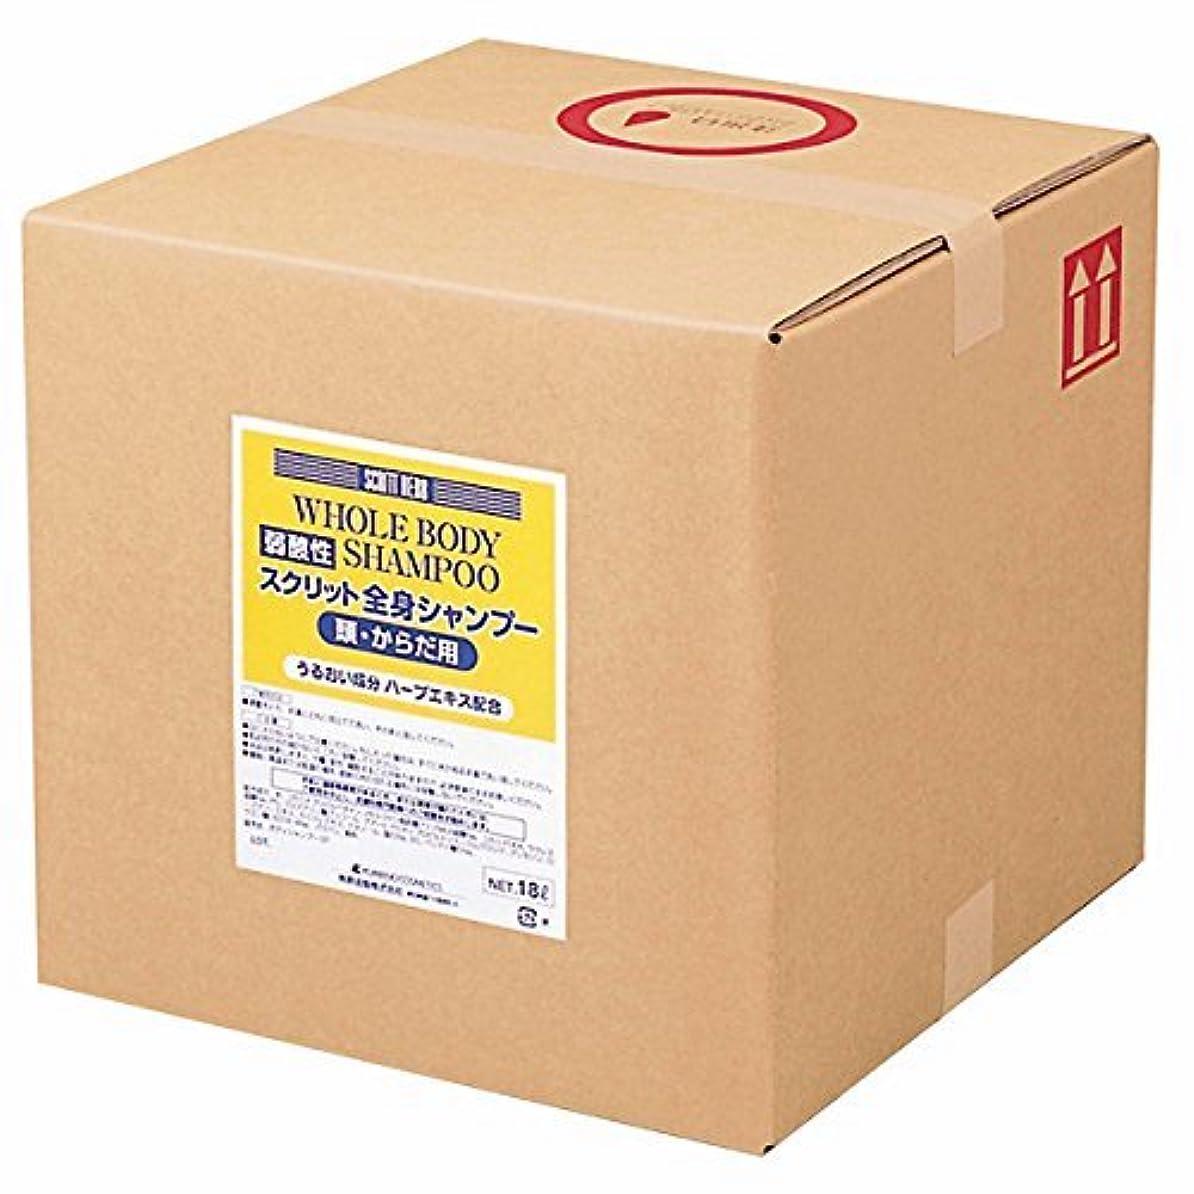 ステレオテンポベックス熊野油脂 業務用 SCRITT(スクリット) 全身シャンプー 18L